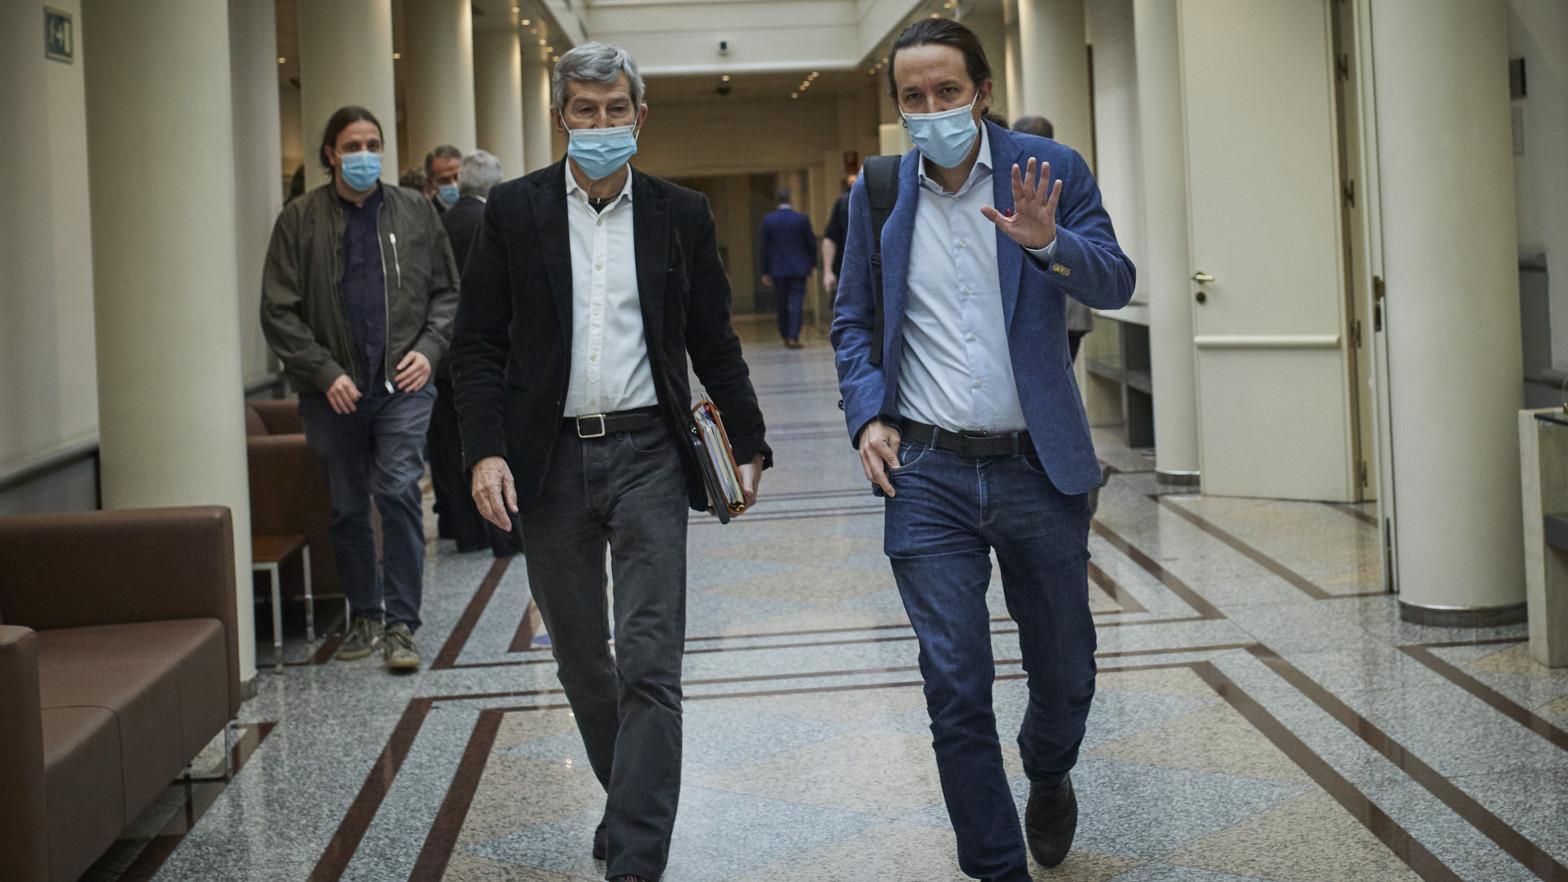 El exJEMAD Julio Rodríguez, consigue el escaño tras la dimisión de Iglesias